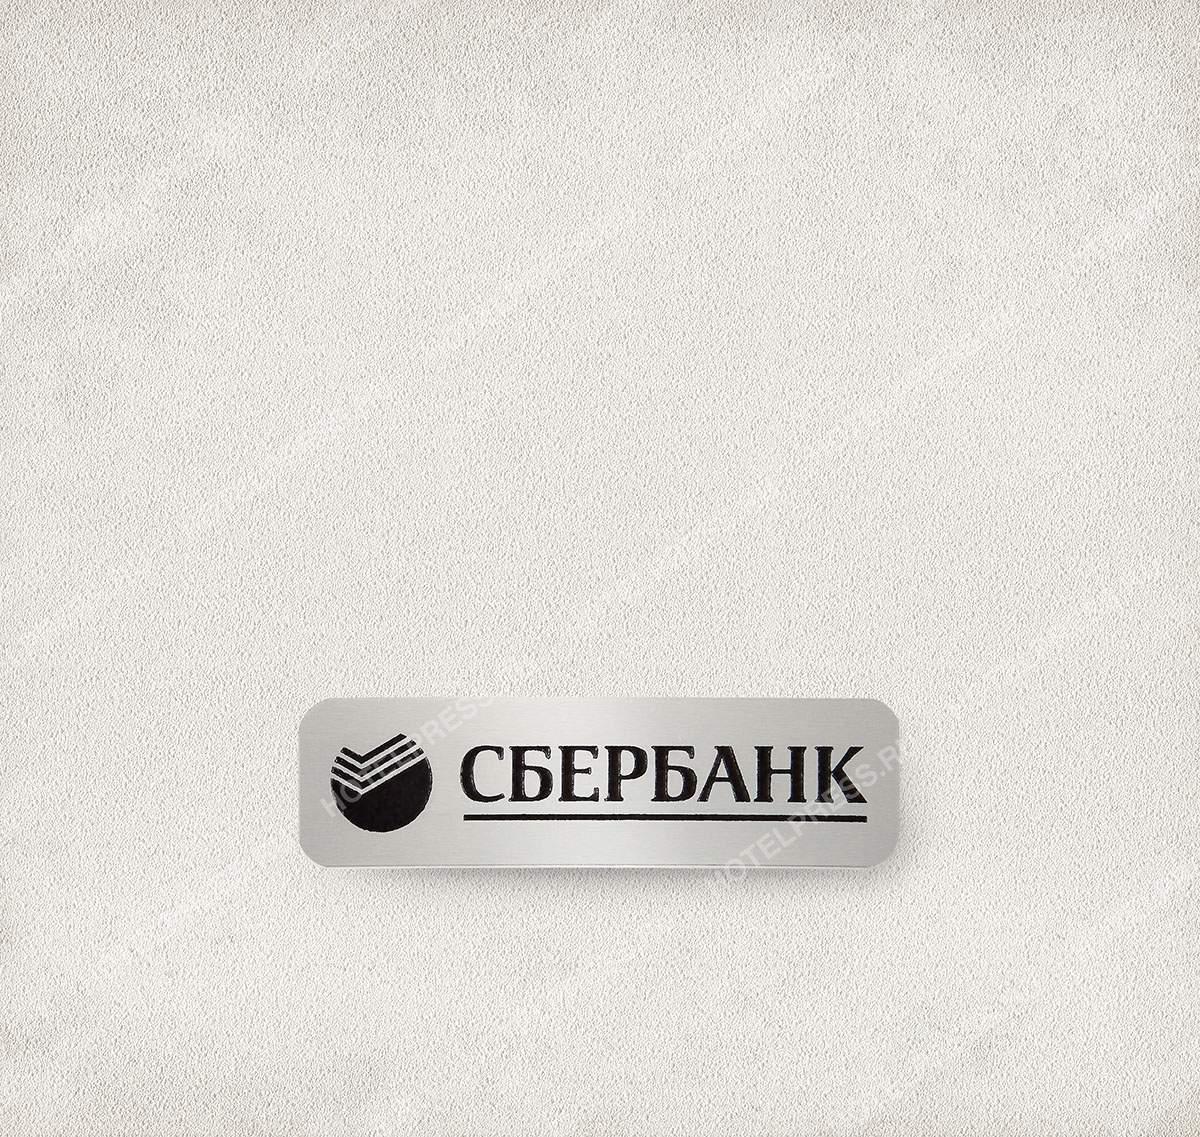 Металлический фирменный бейдж СБЕРБАНКА